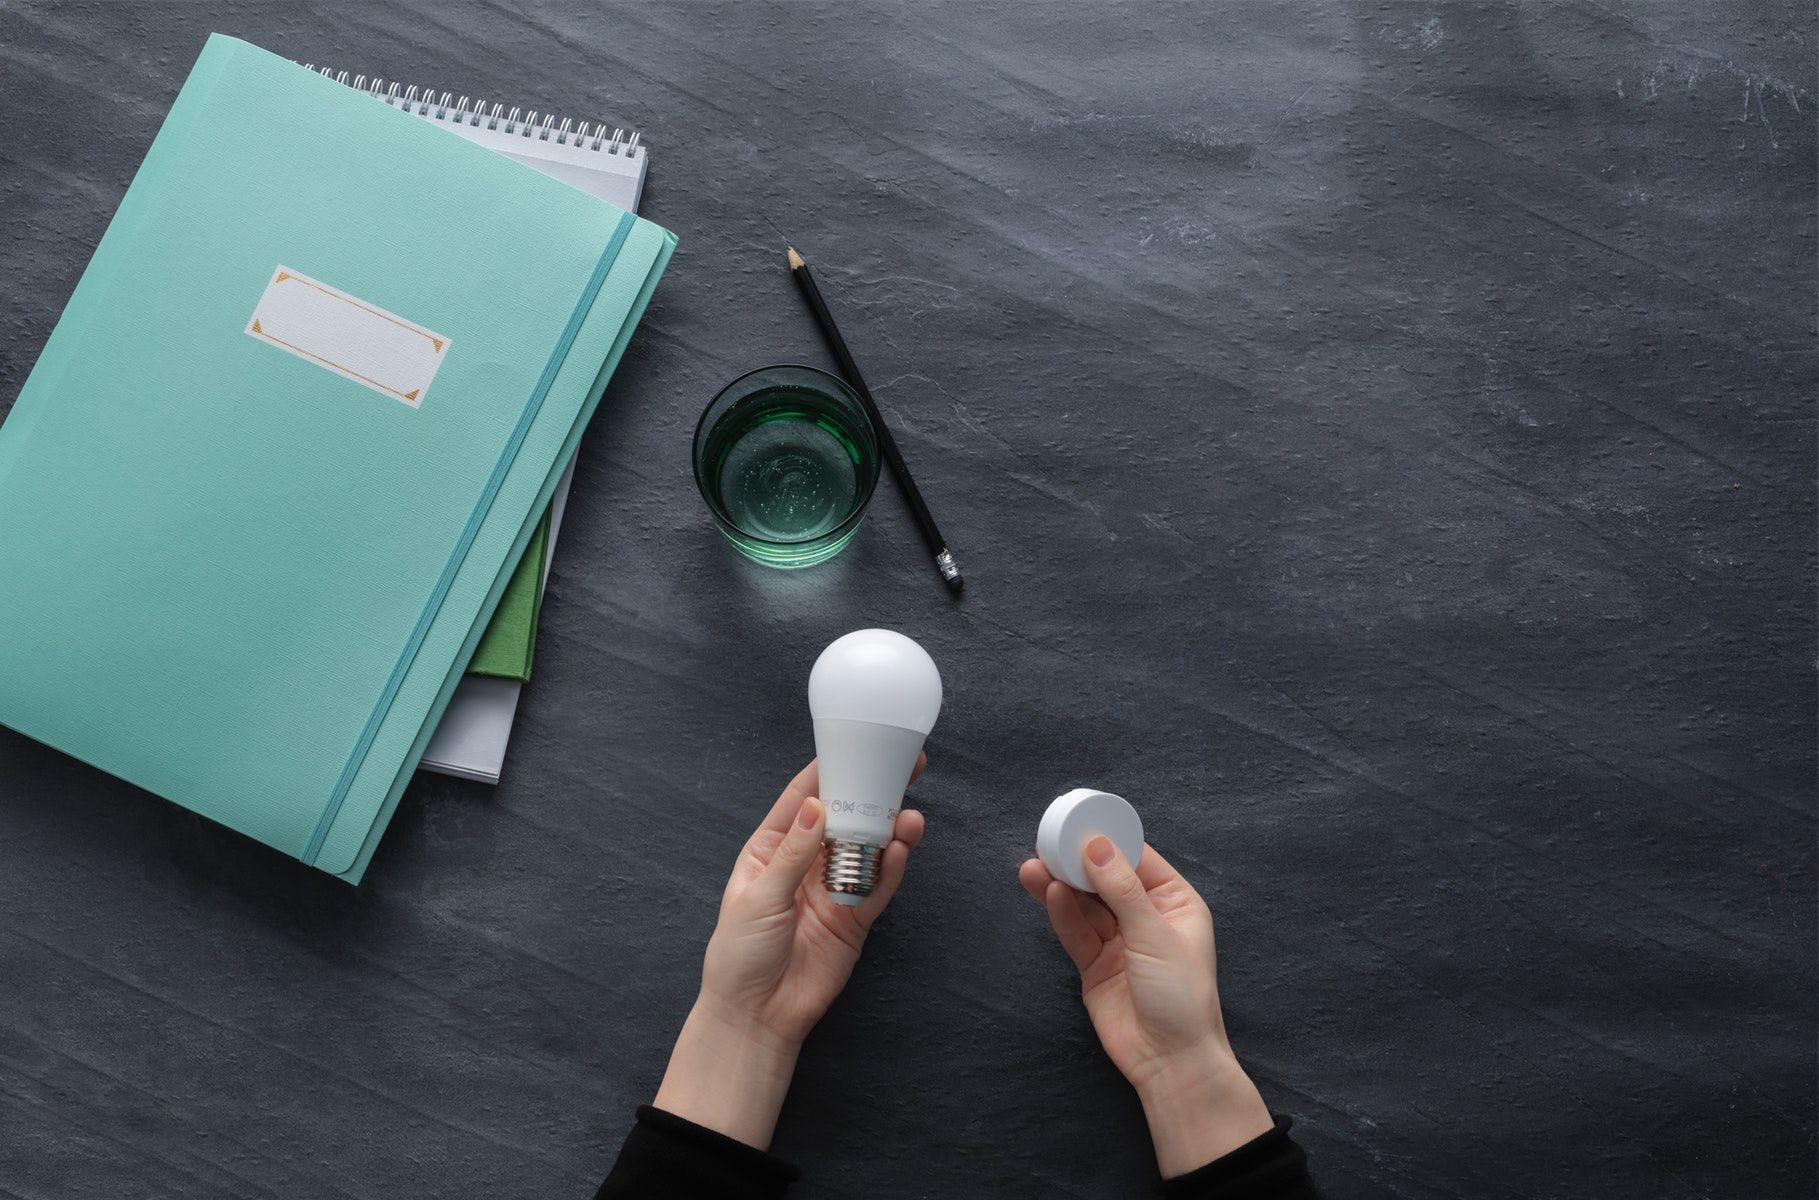 Ikea Tradfri-Steckdose geht jetzt mit Hue; Sonos-Technik in andere Lautsprecher einsetzbar